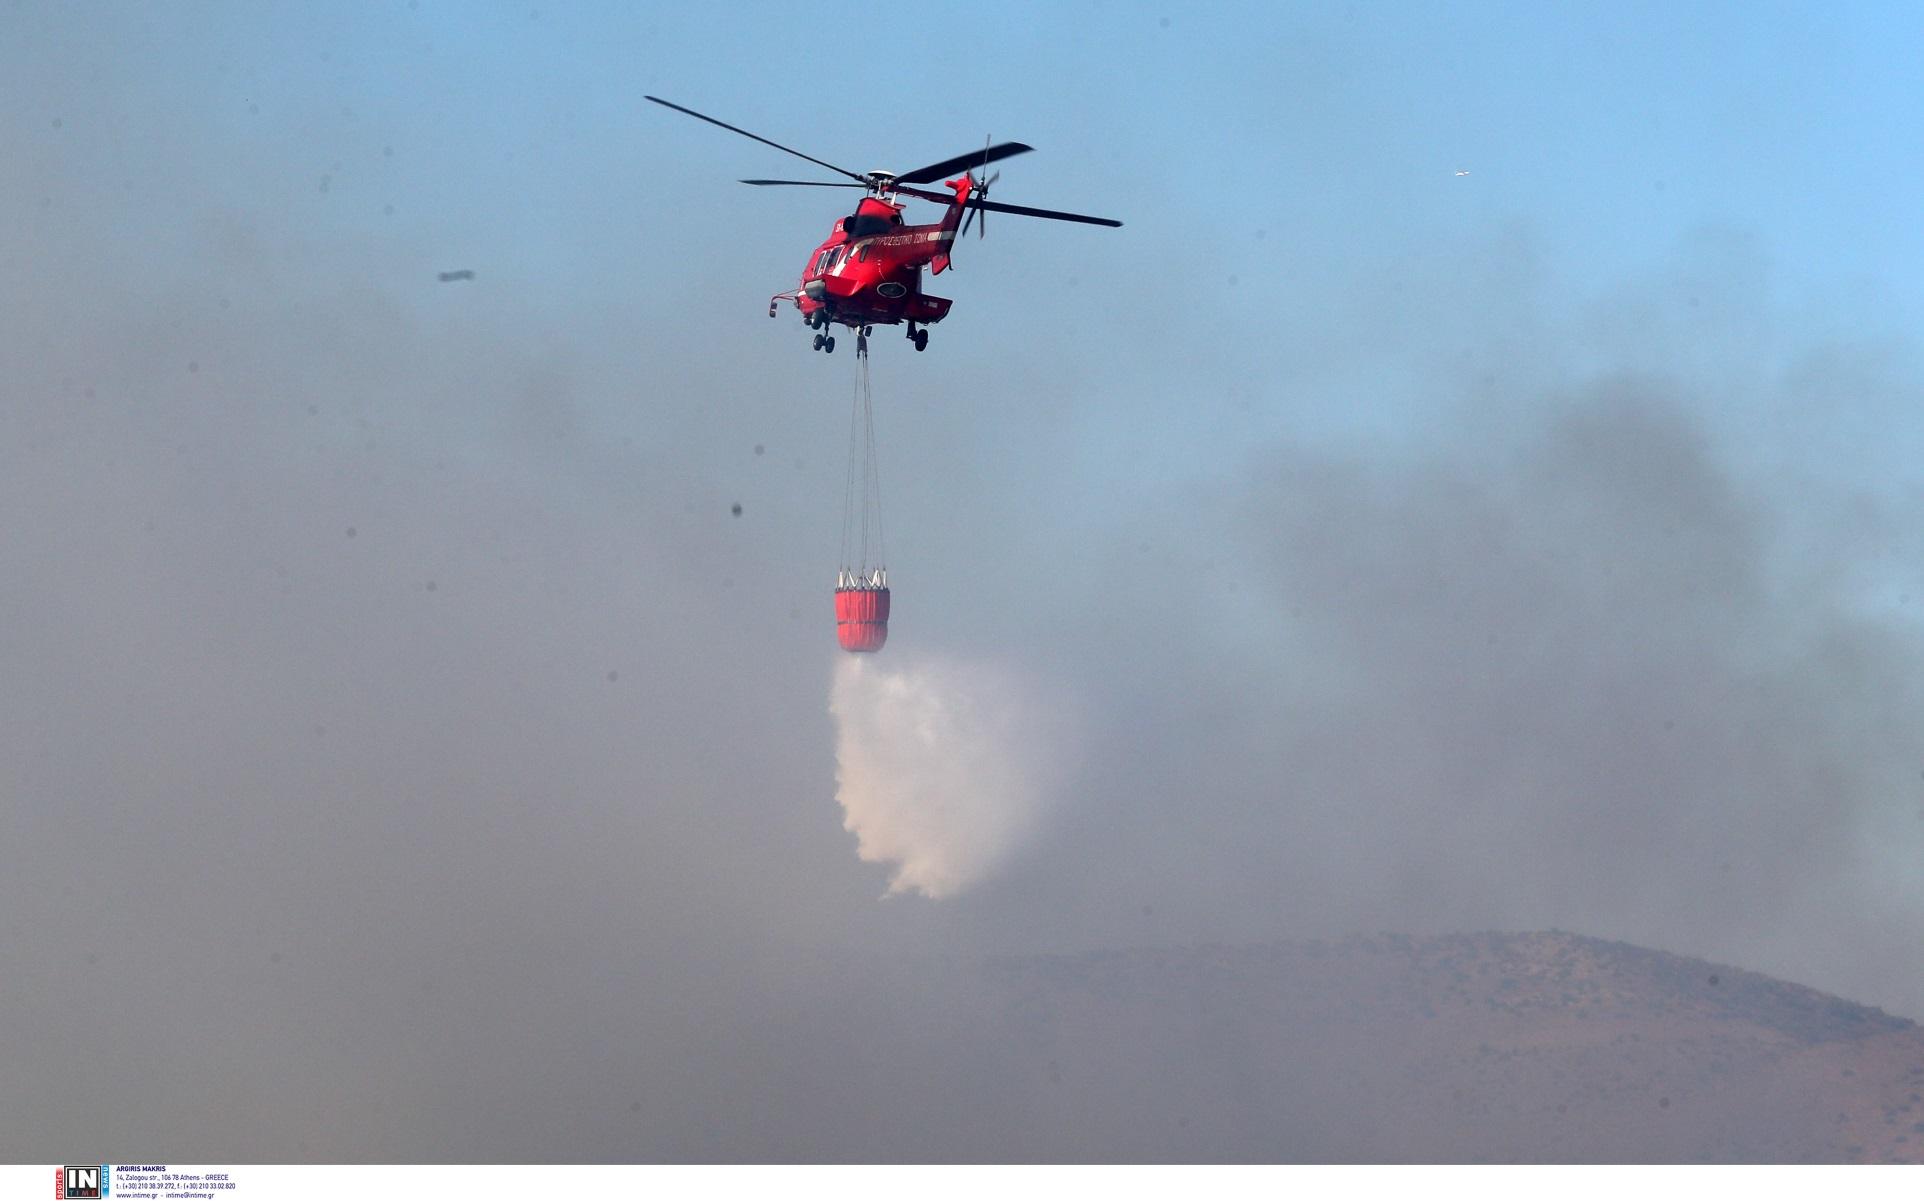 Φωτιά στη Λαυρεωτική: Έχει οριοθετηθεί η πυρκαγιά – Οι πυροσβέστες περιβρέχουν την περίμετρο